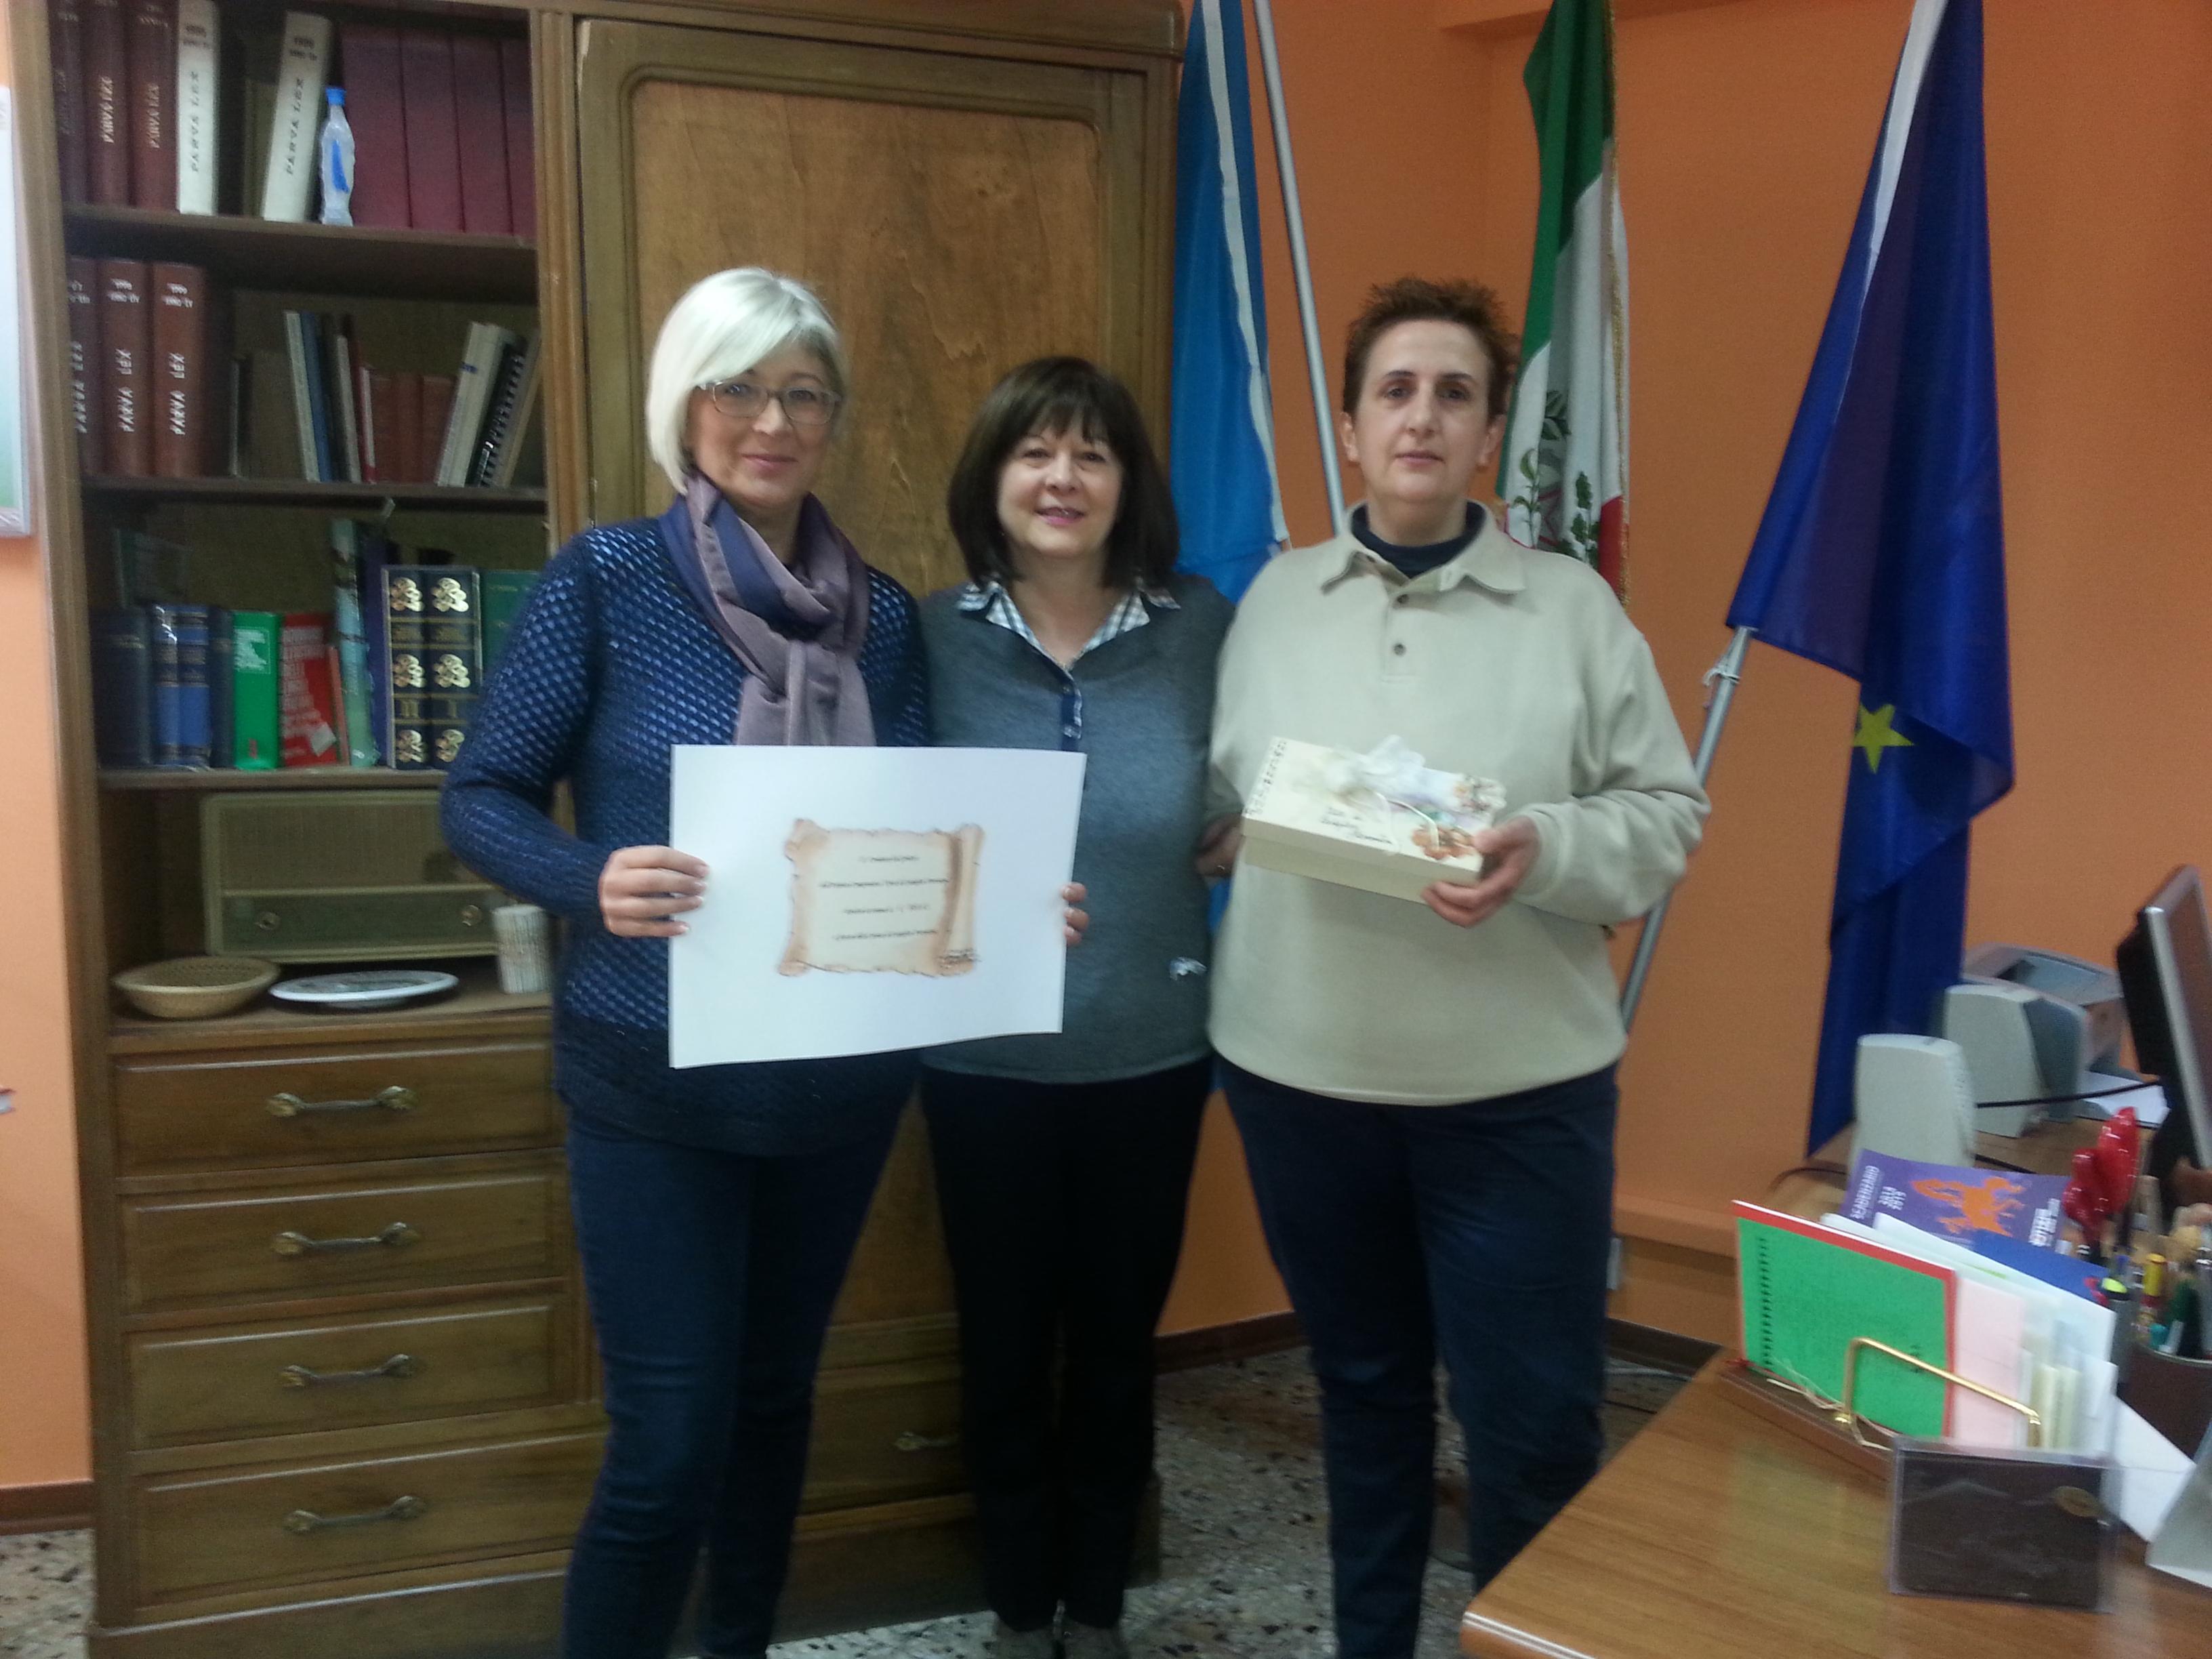 'The di beneficienza', i proventi dell'iniziativa consegnati alle Caritas castiglionesi